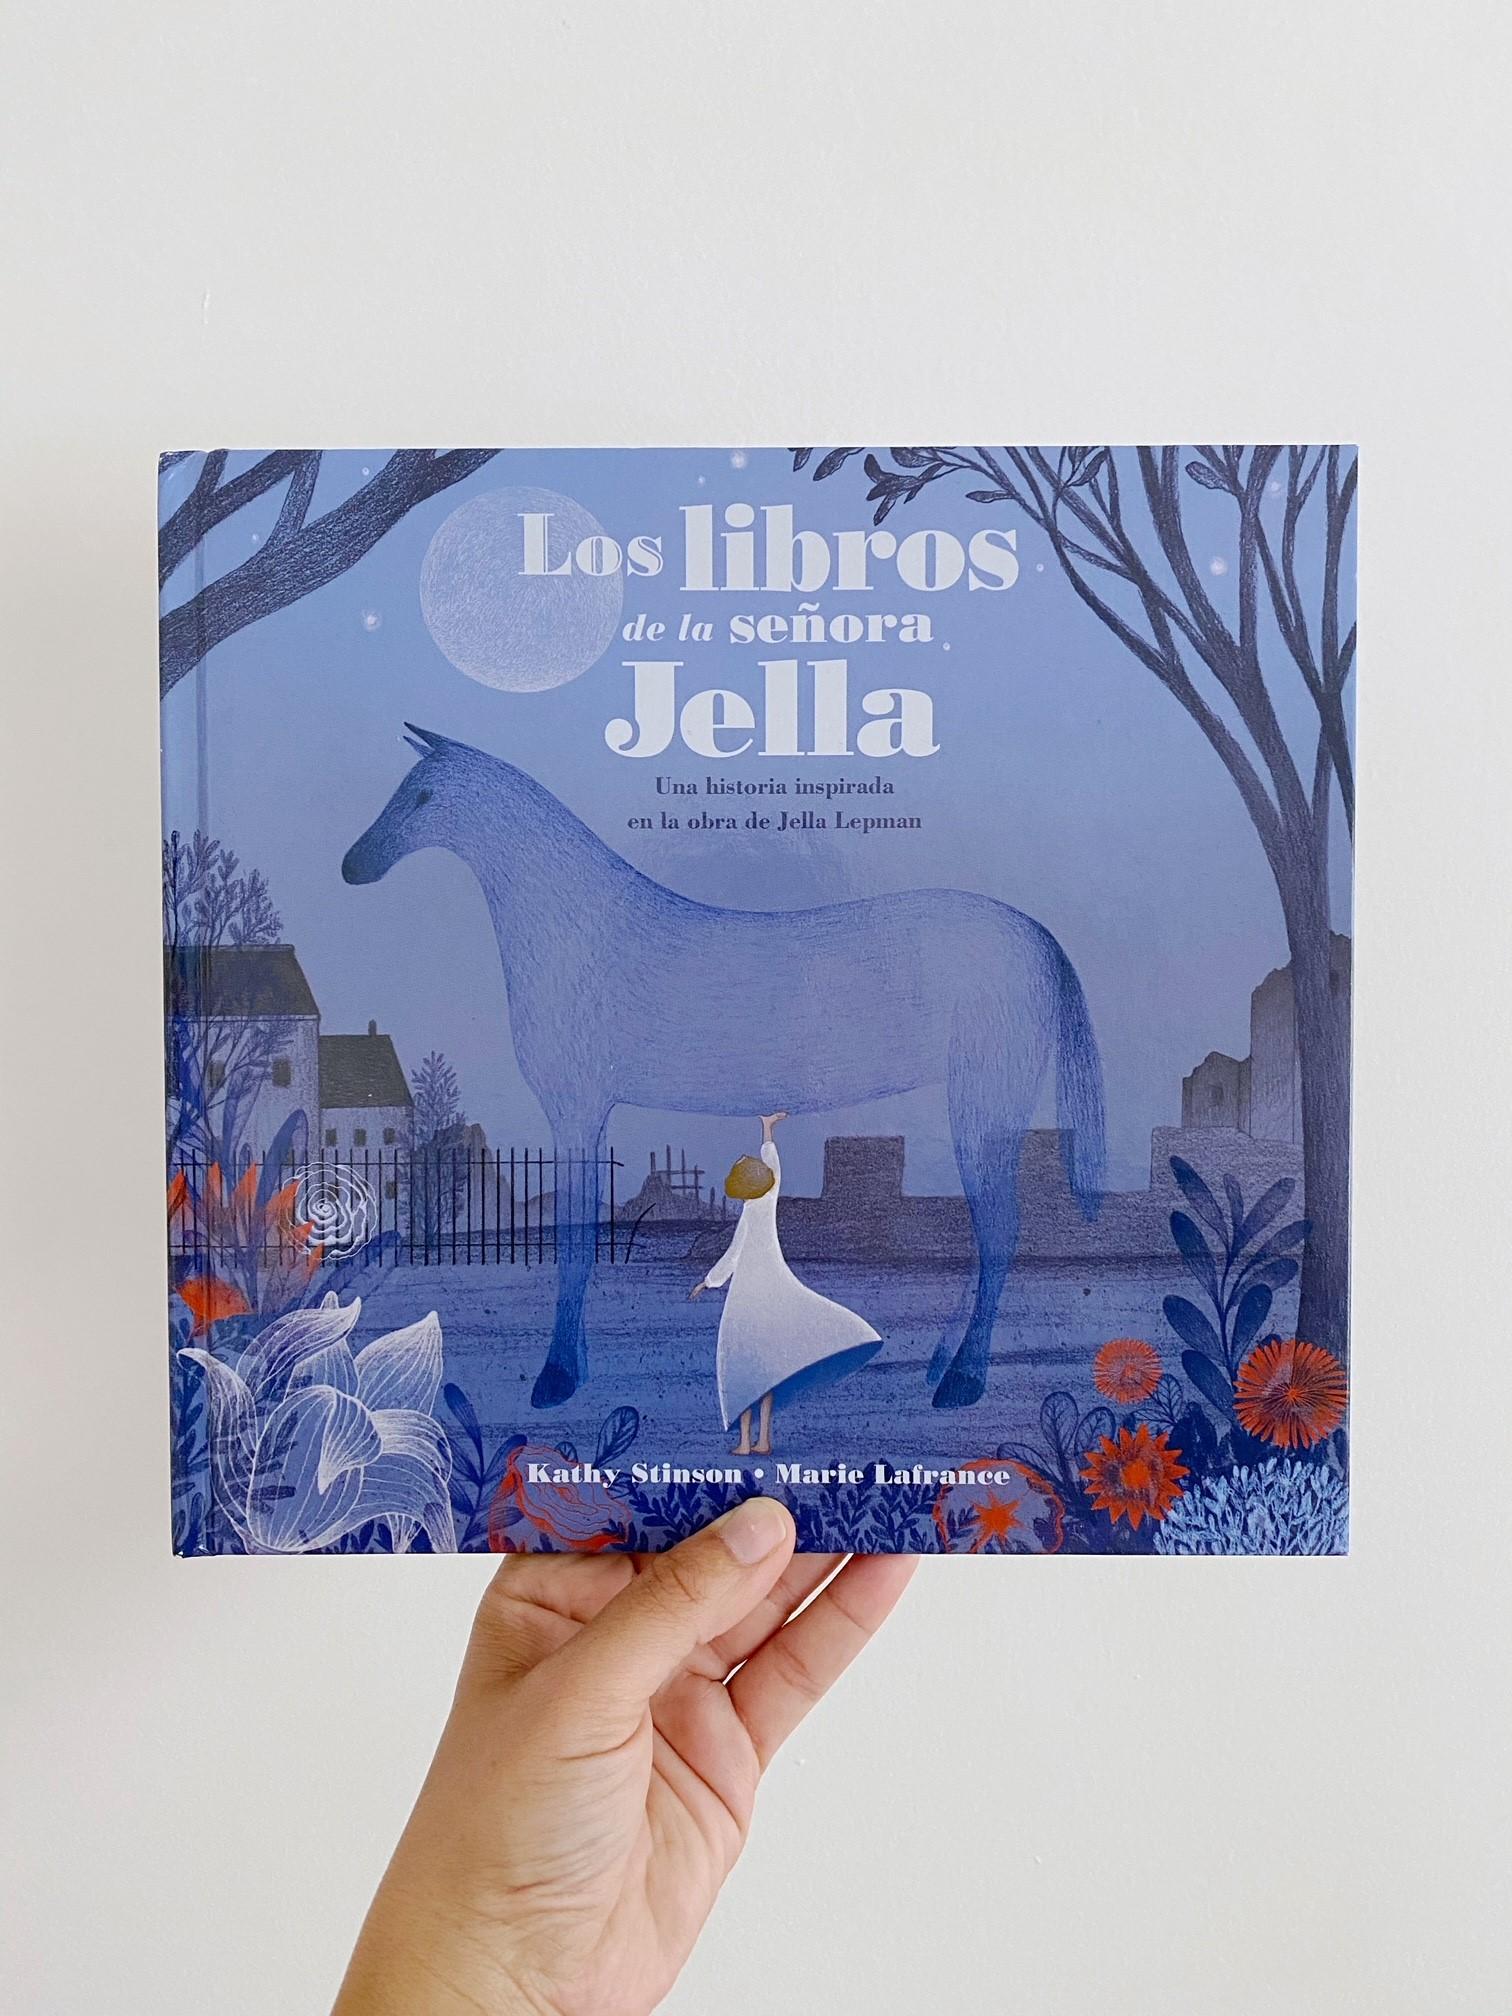 LOS LIBROS DE LA SENORA JELLA